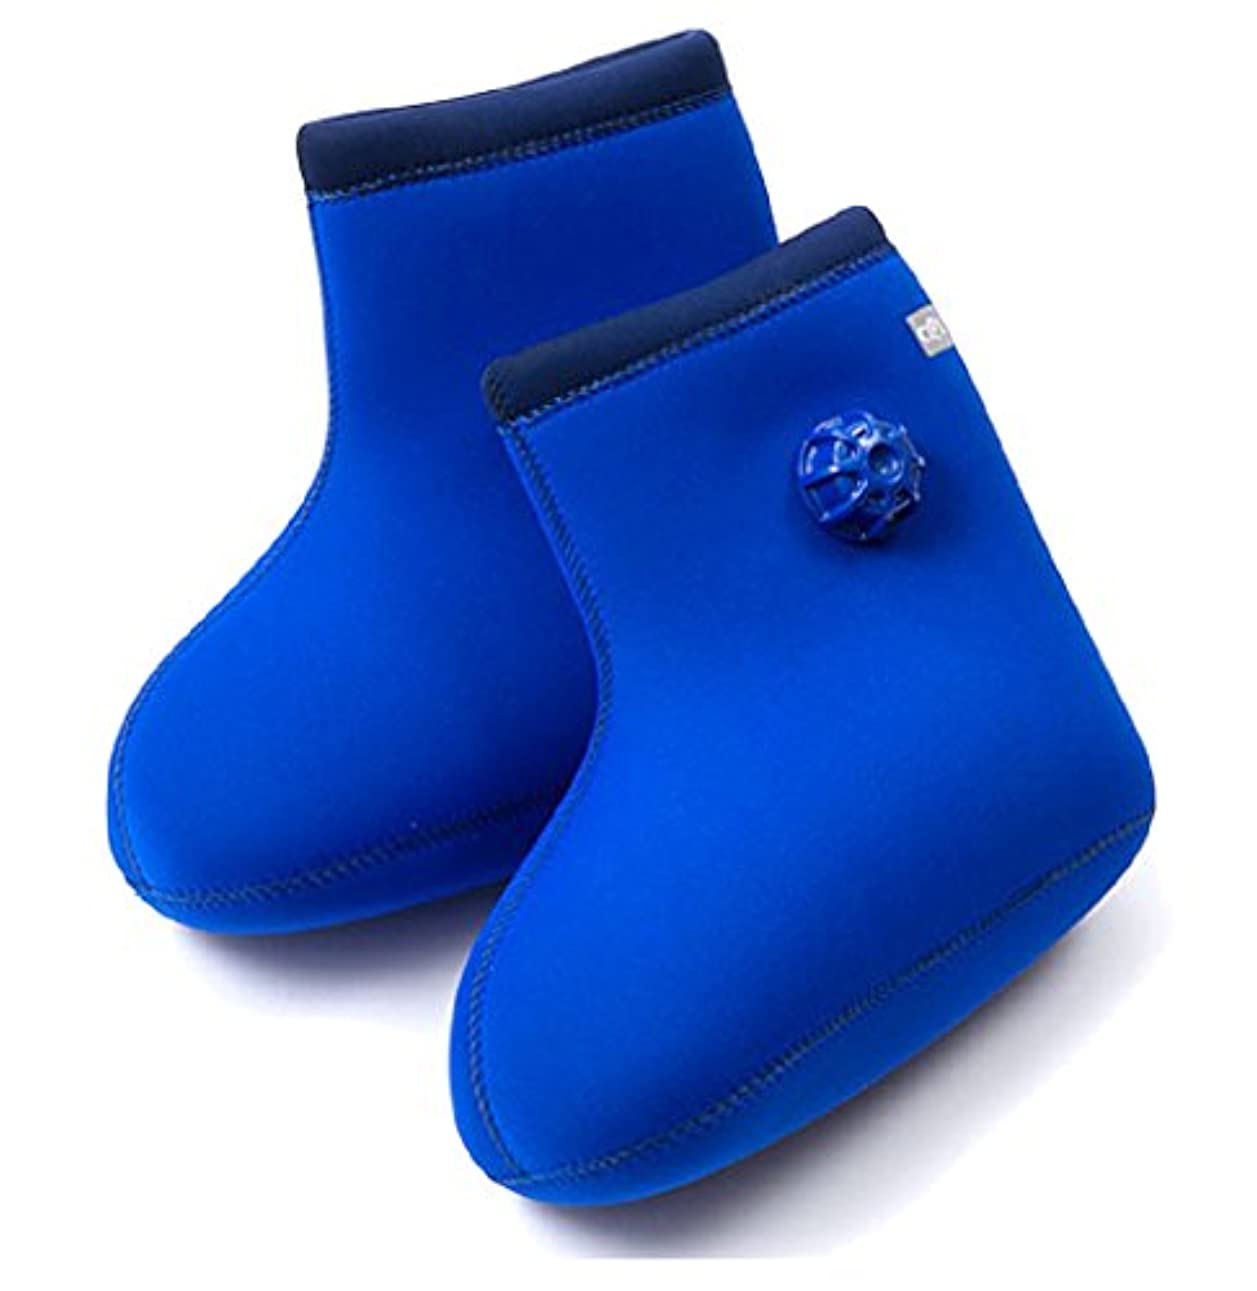 ジャーナルフェローシップすべきやわらか湯たんぽ 足用底なし ブルー M